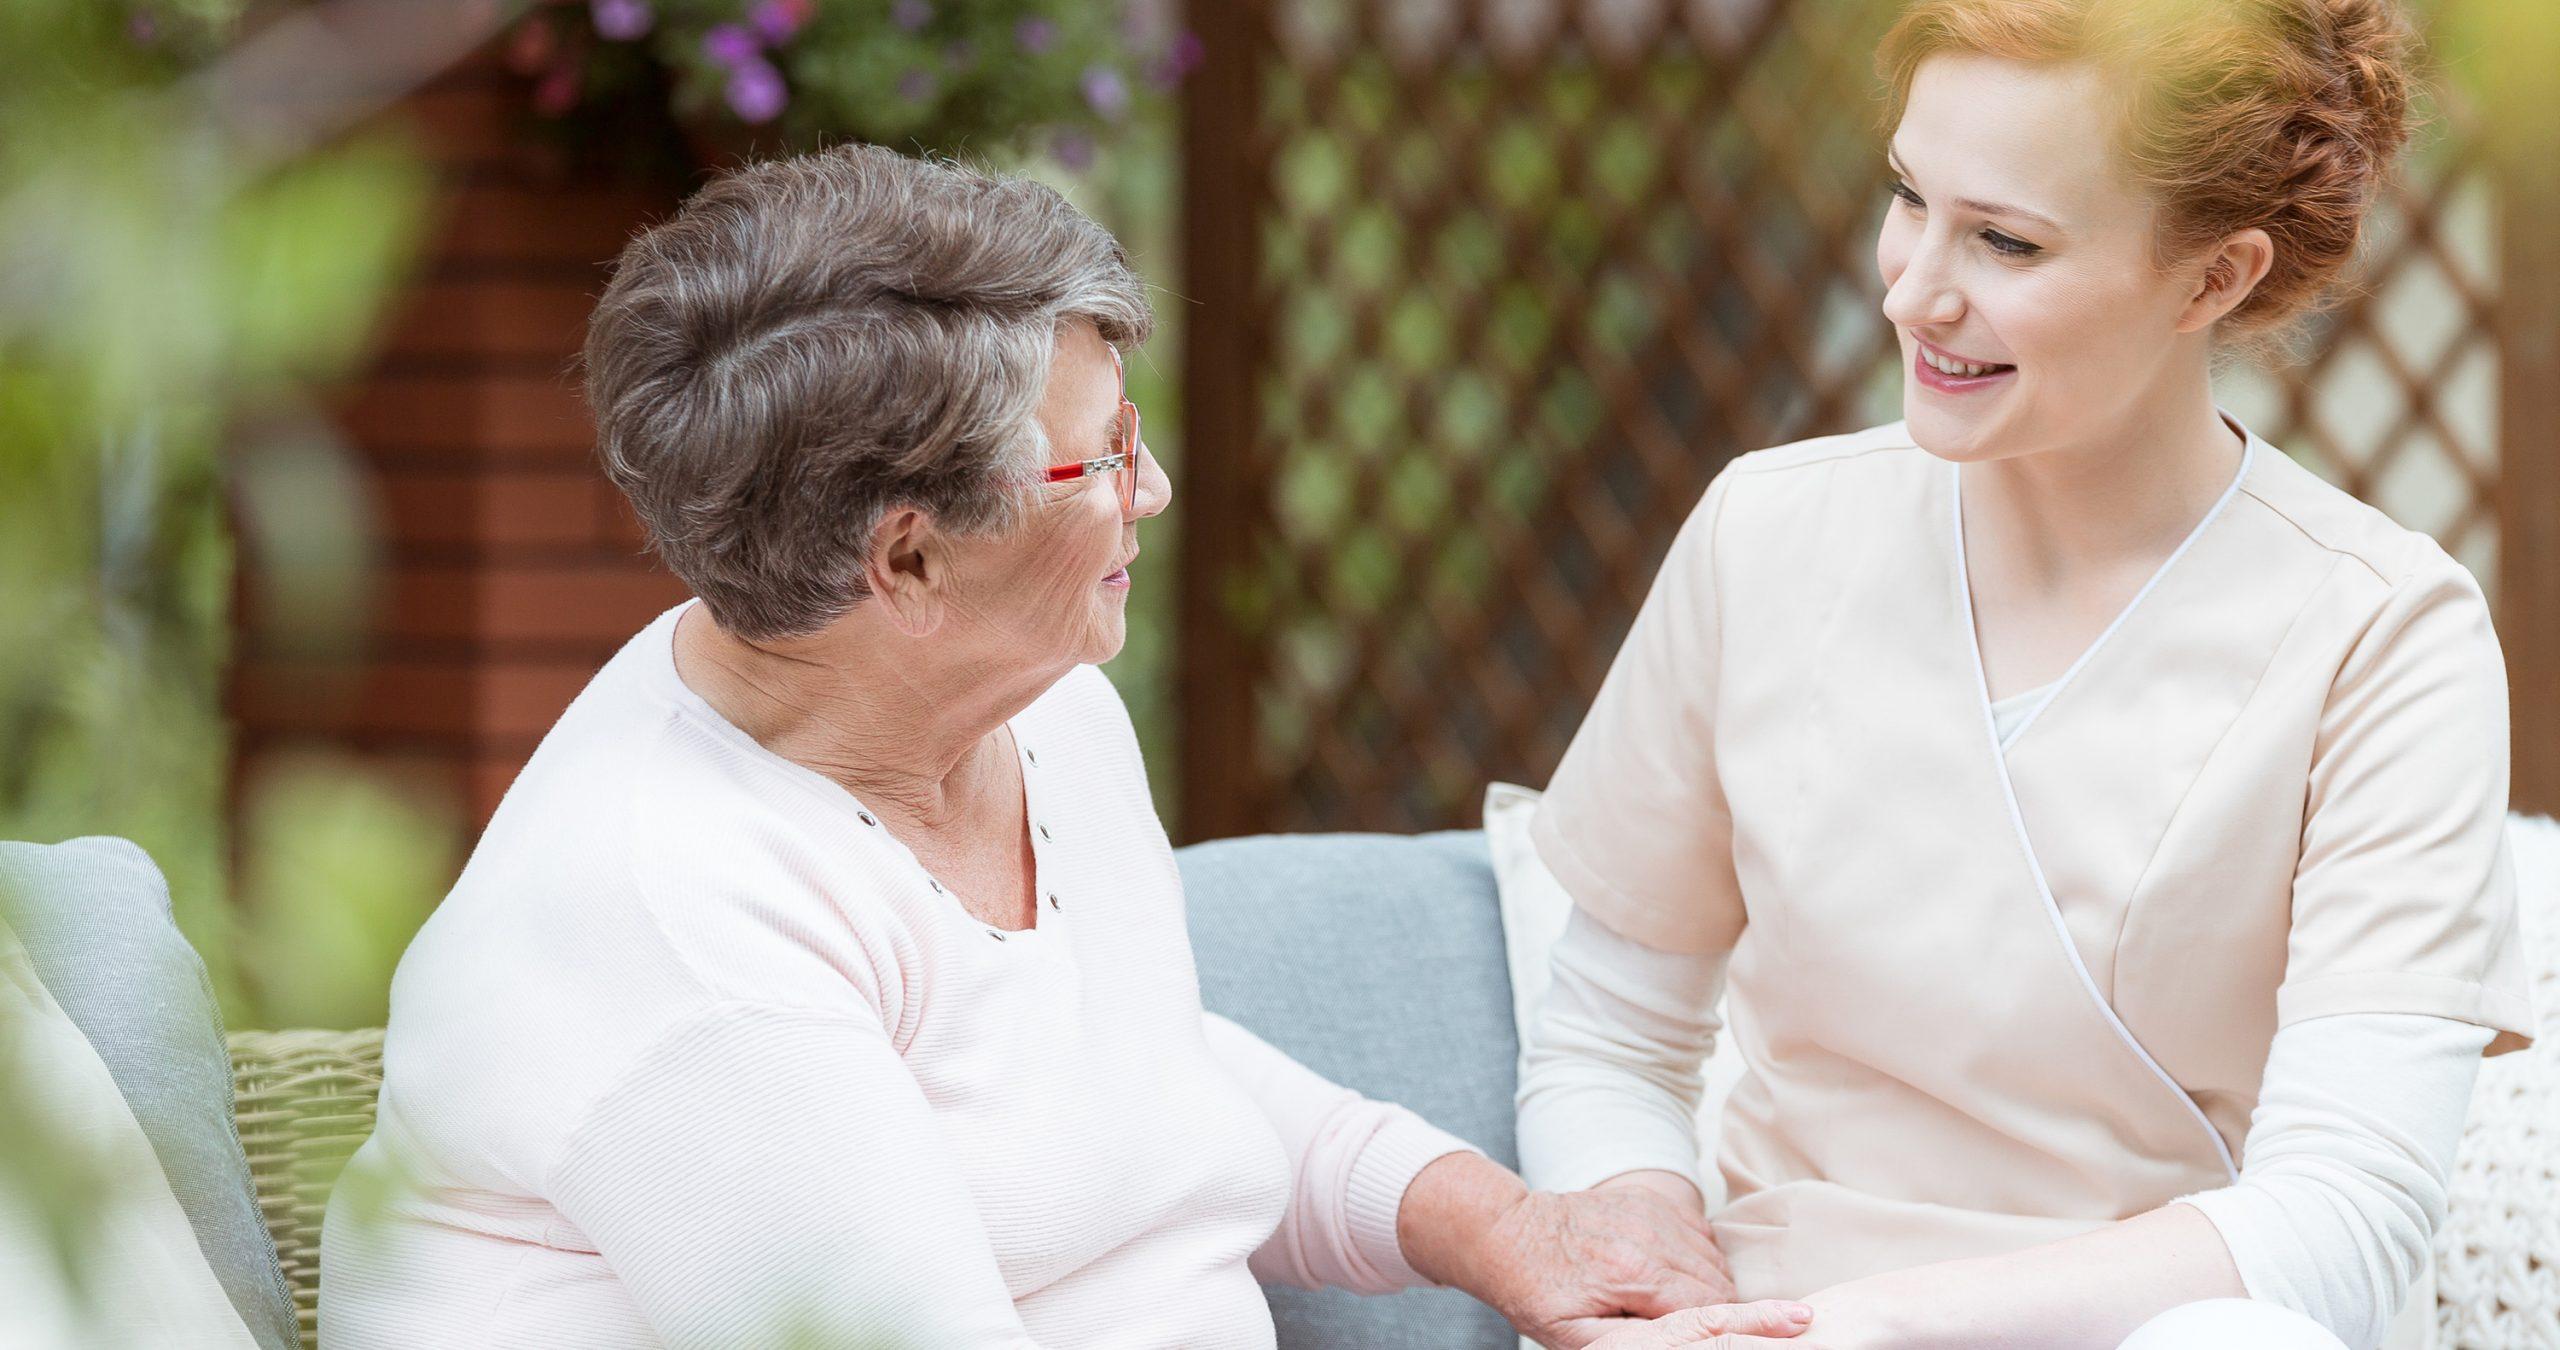 Nurse and patient having a conversation